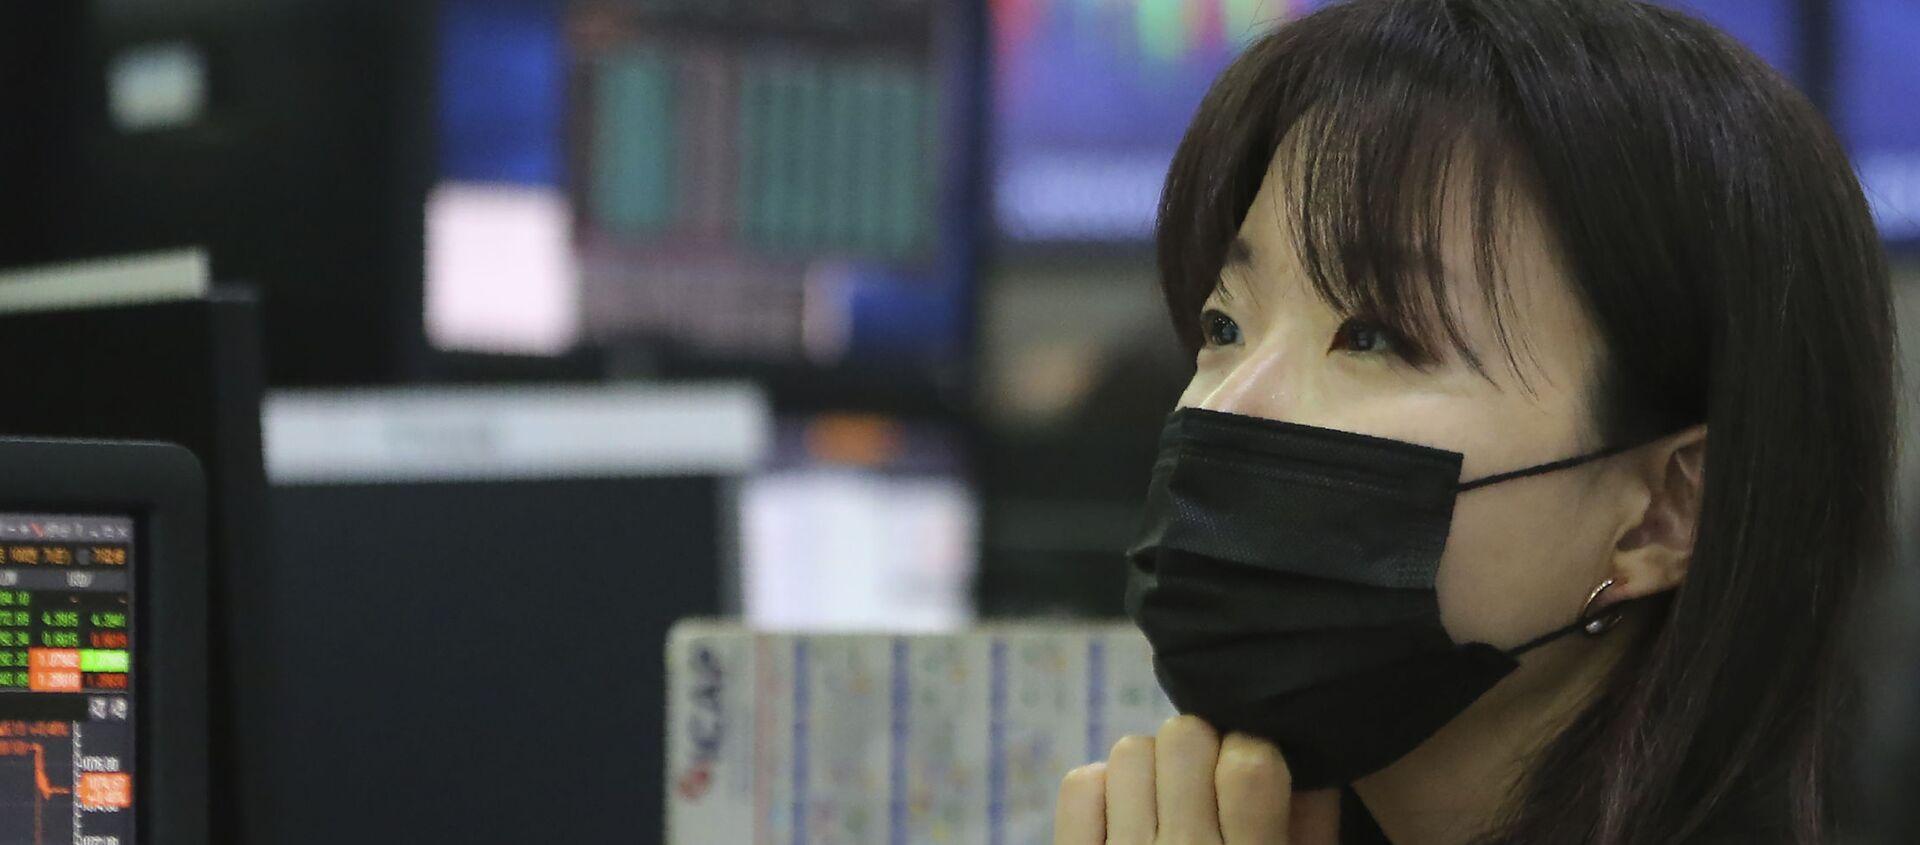 Cô gái đeo mặt nạ trên sàn giao dịch chứng khoán - Sputnik Việt Nam, 1920, 11.06.2021